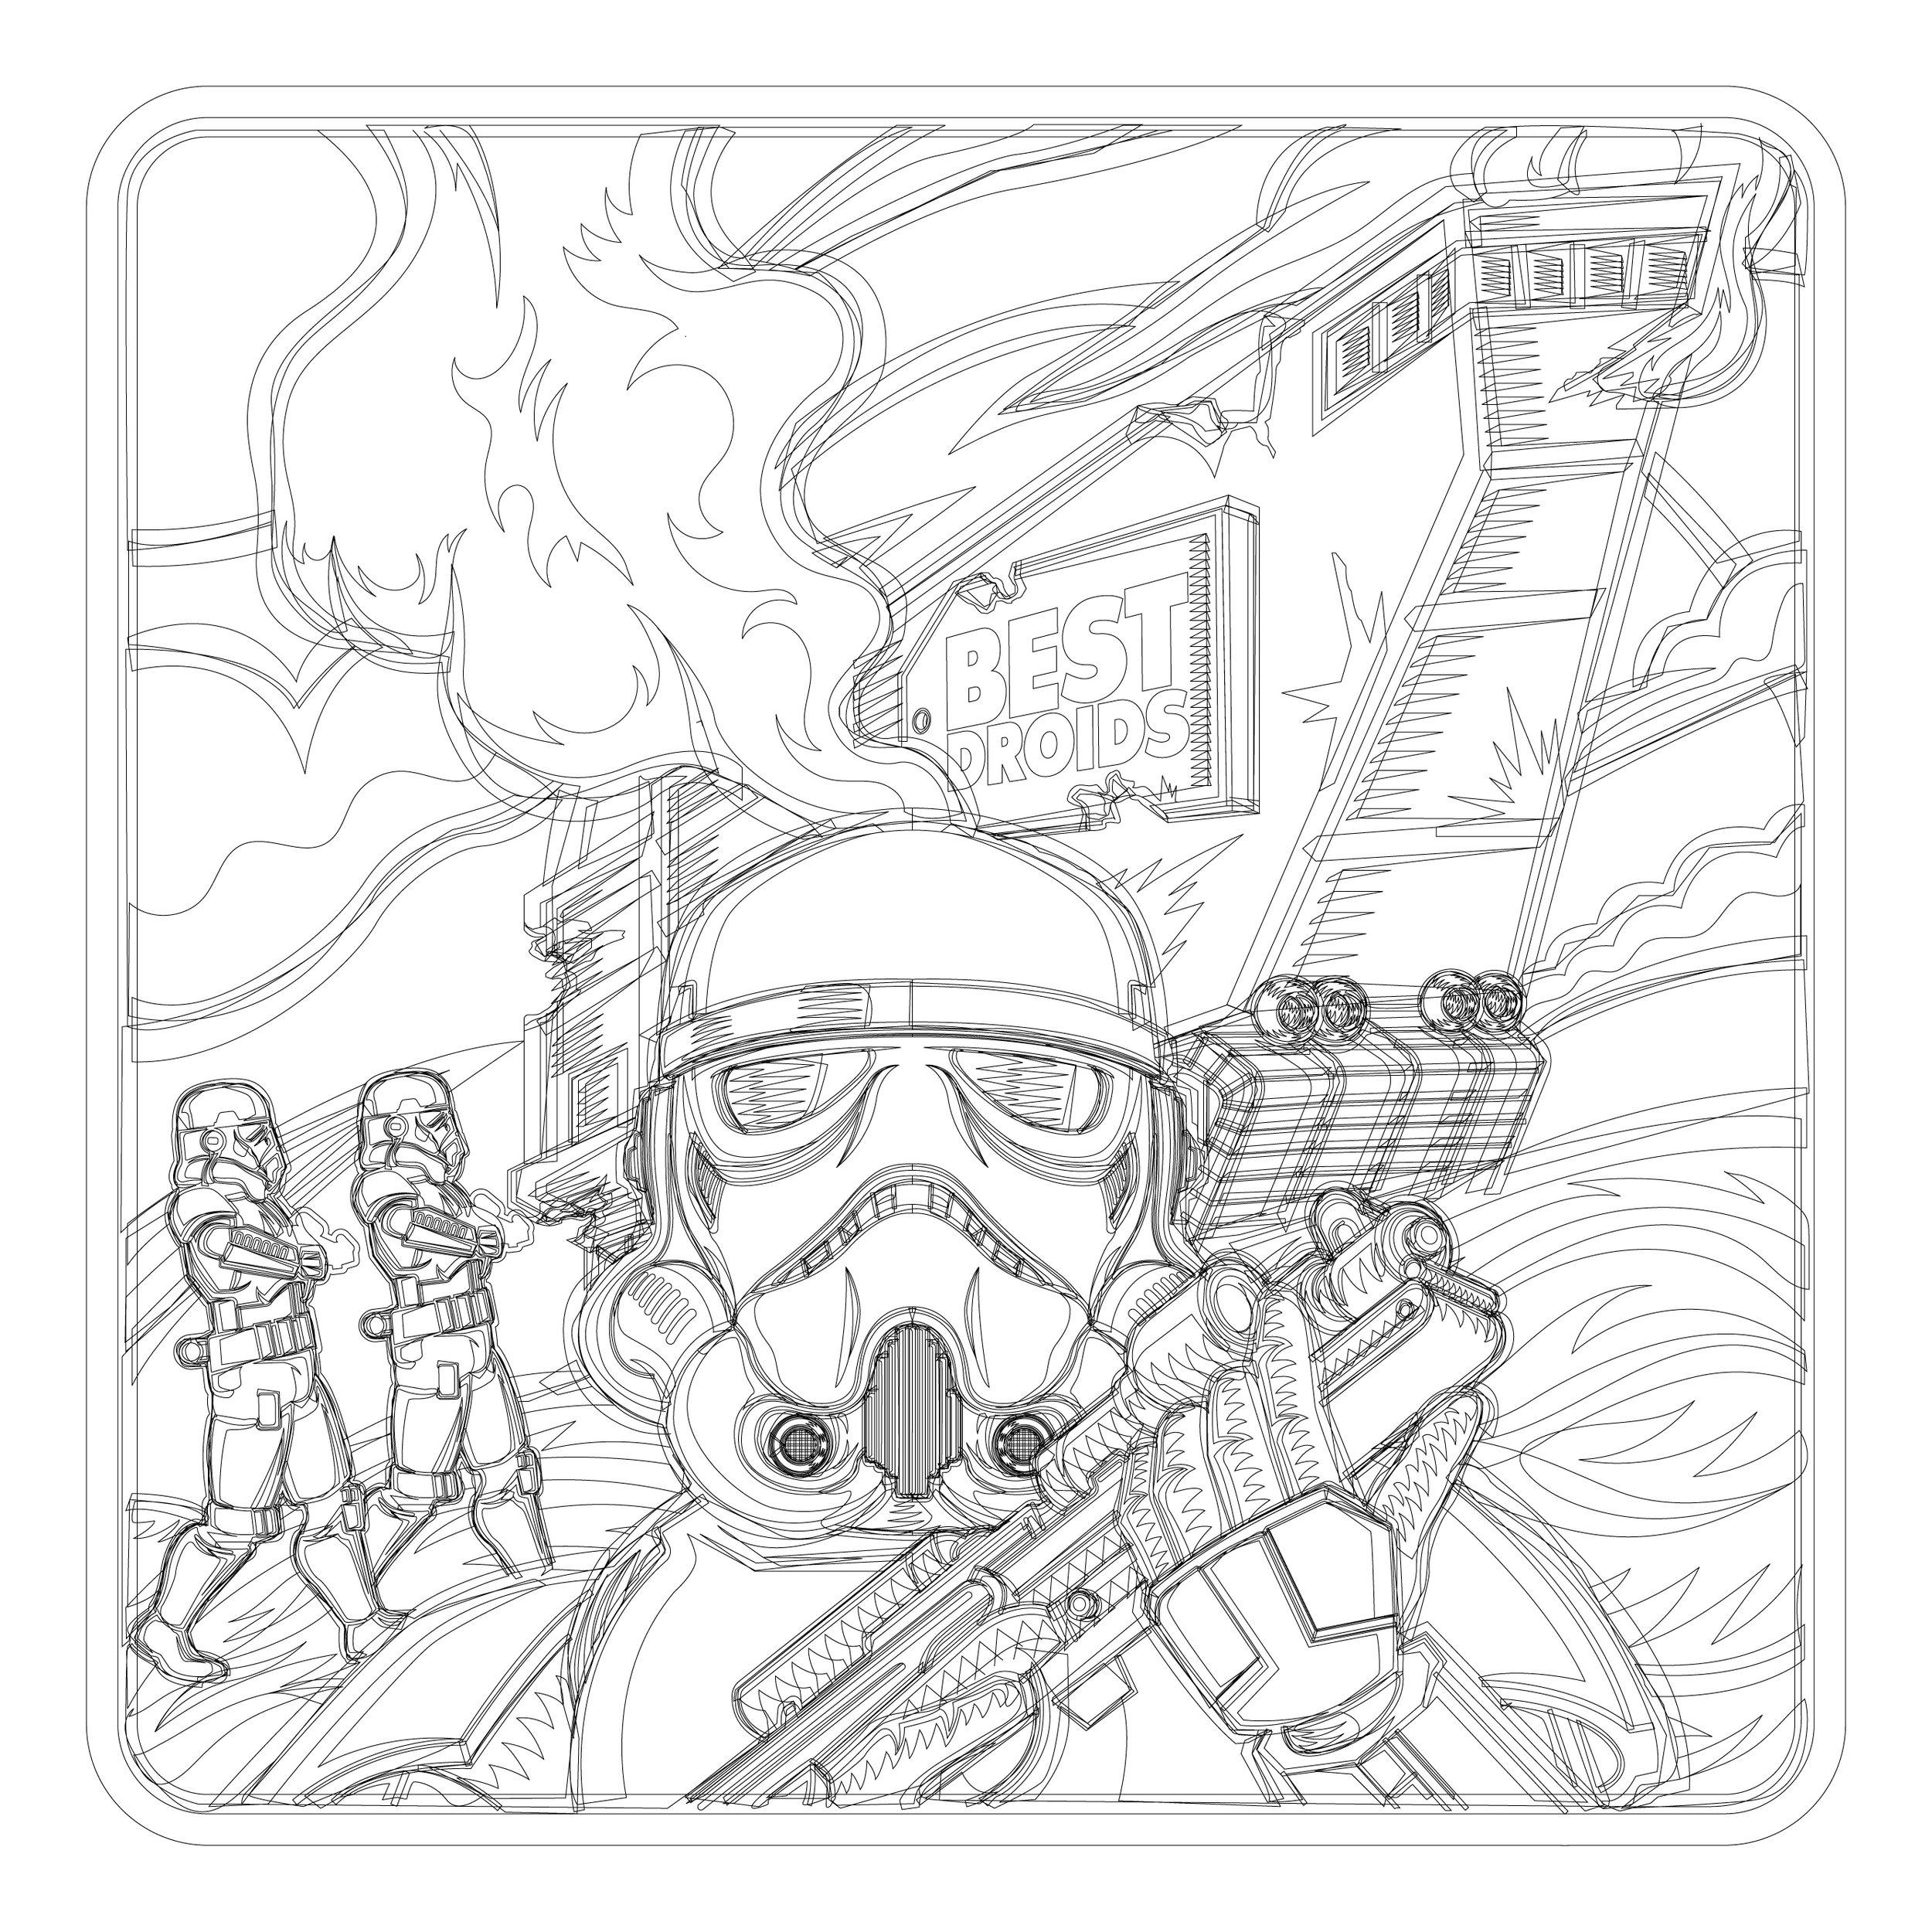 DP-BestDroids-Trooper-Social_2.jpg